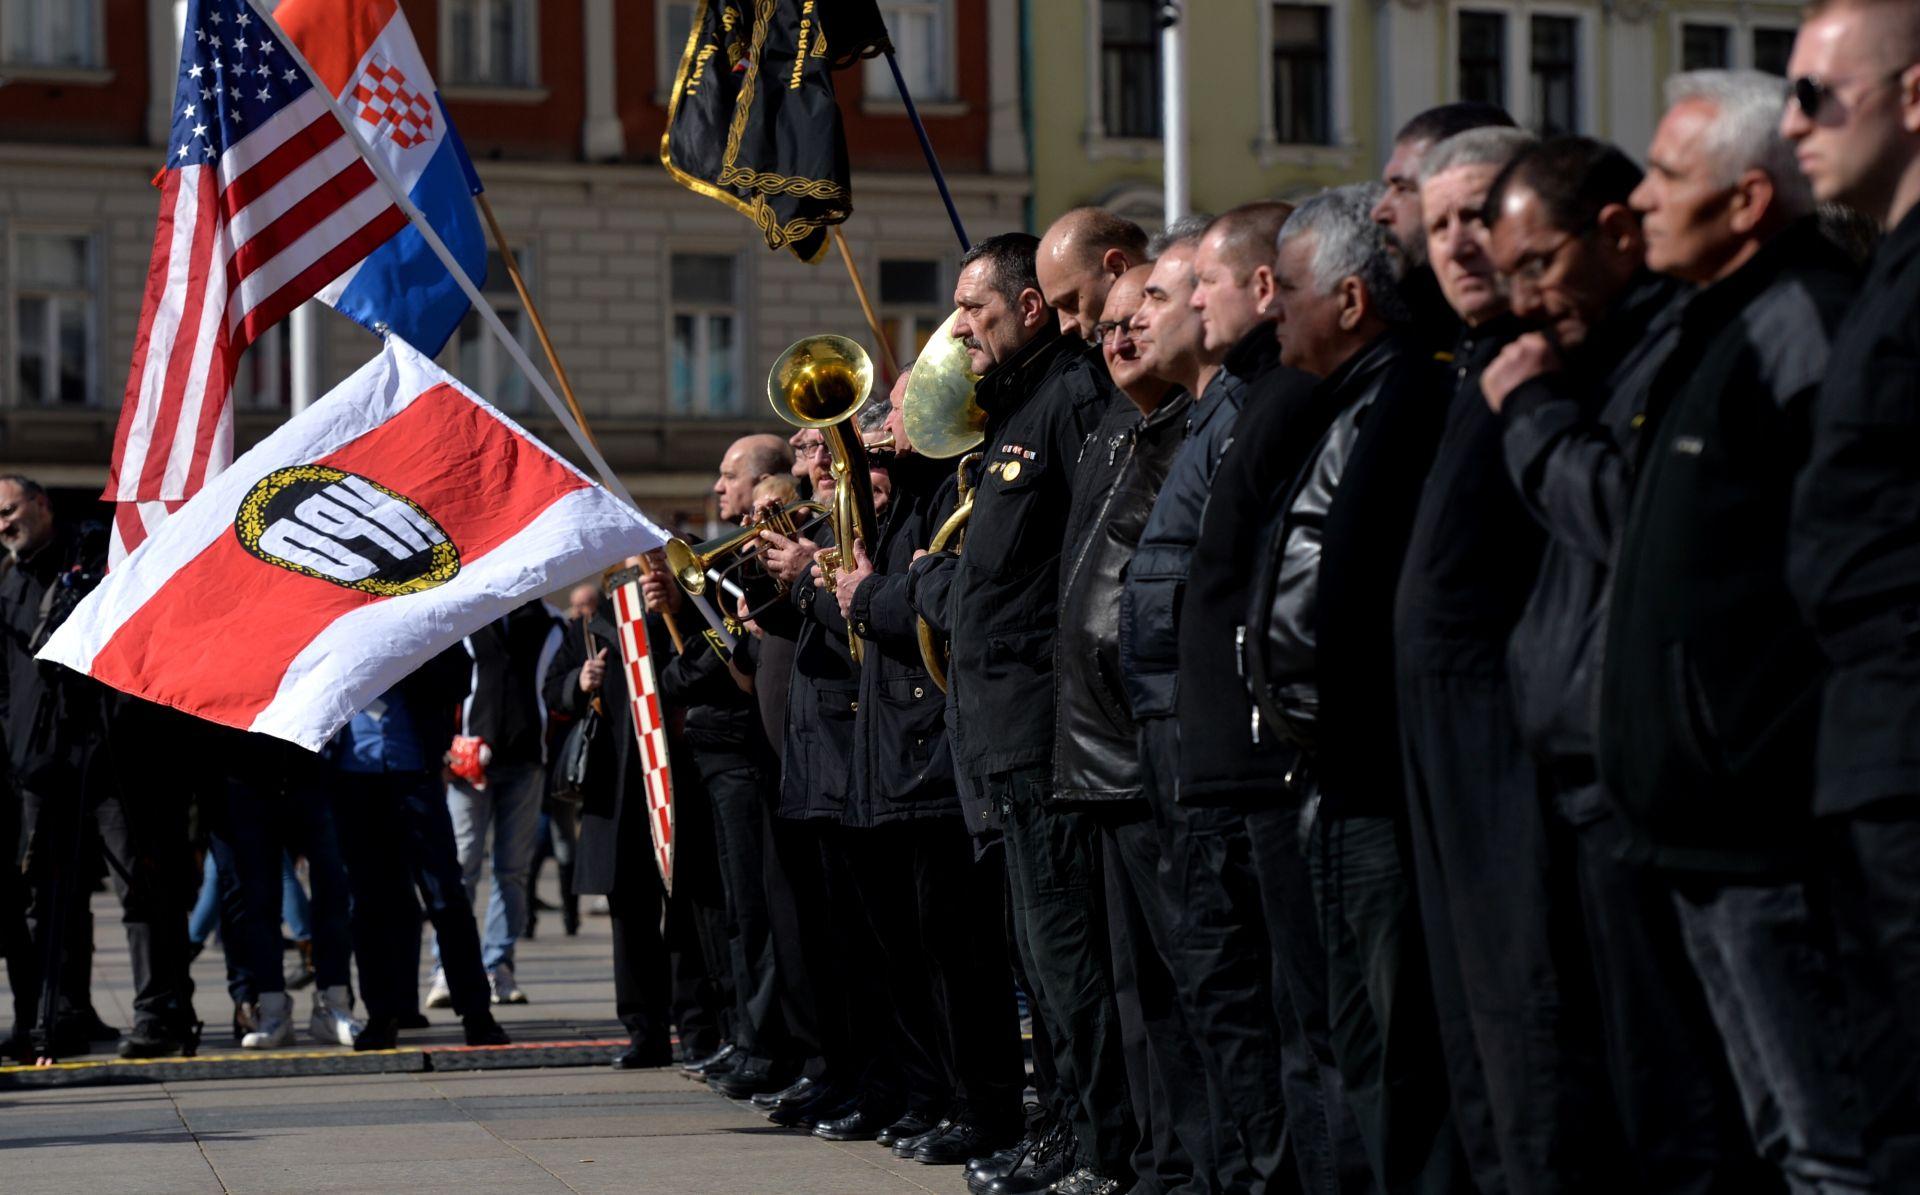 BORIS MILETIĆ 'Okupljanje A-HSP u Zagrebu je demonstracija rigidnog nacionalizma'